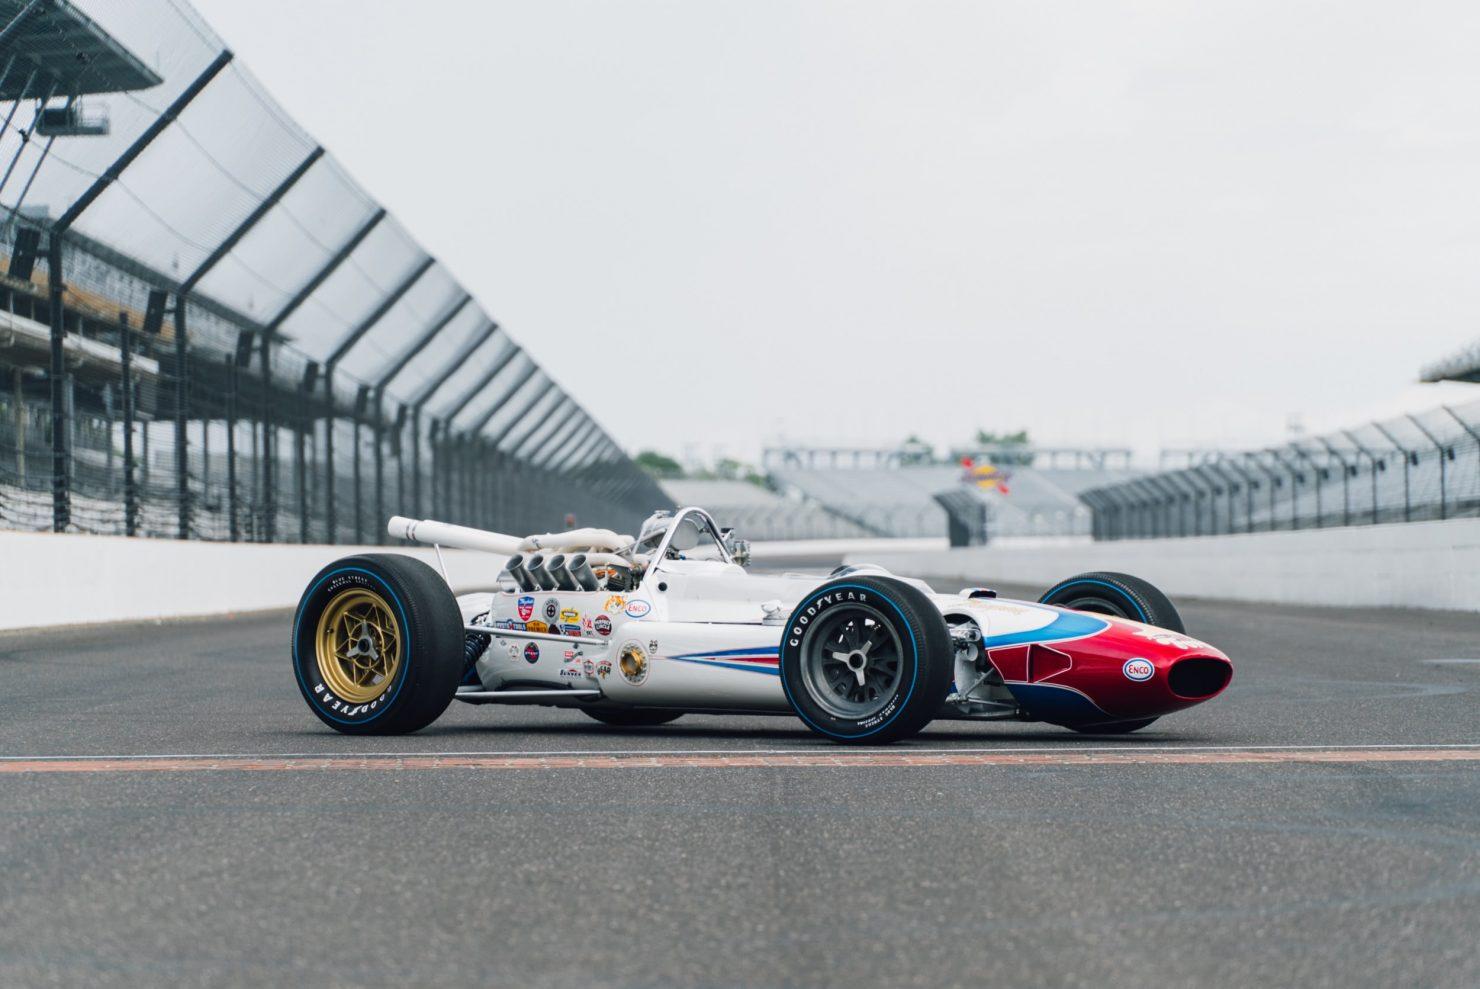 lotus type 34 indy 500 car 6 1480x989 - 1964 Lotus Type 34